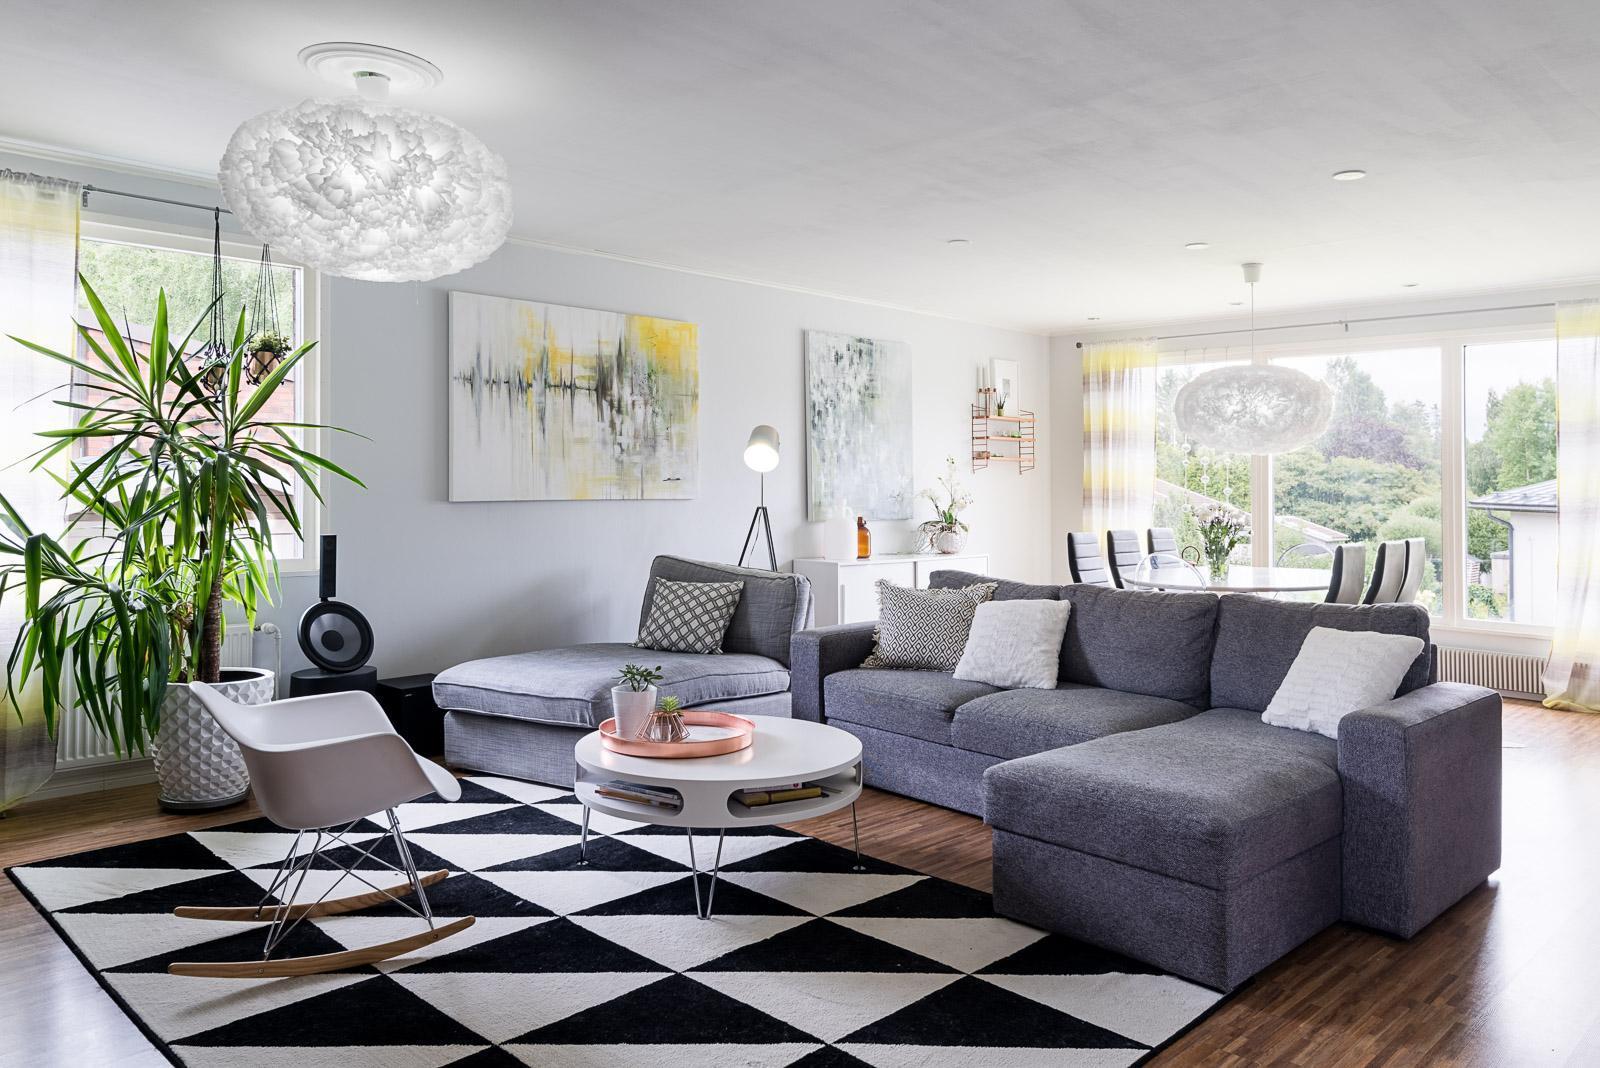 Modernia muotokieltä ja rentoutta olohuoneen sisustuksessa